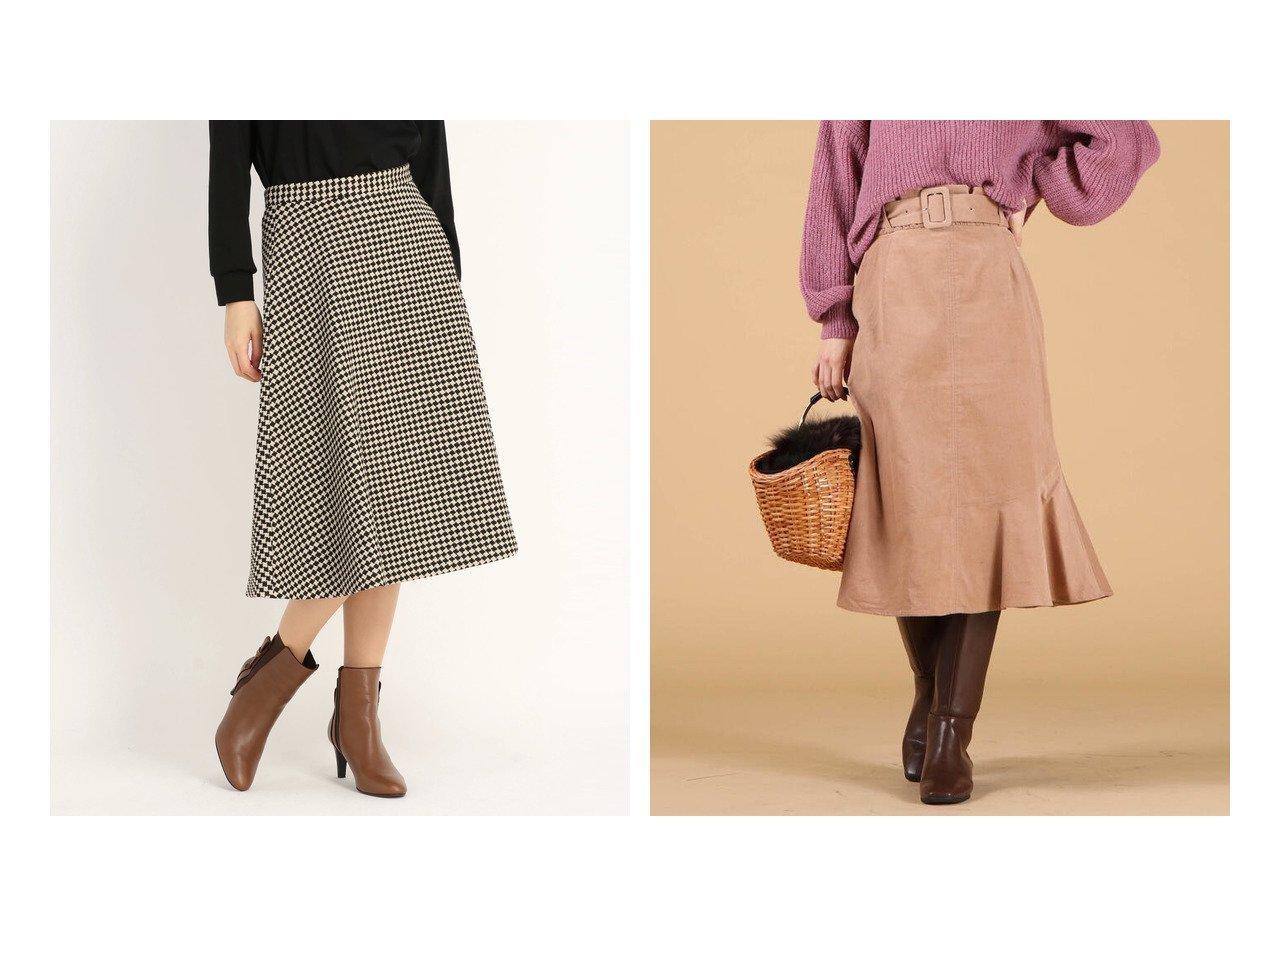 【QUEENS COURT/クイーンズ コート】のコーデュロイベルト付きスカート&【STRAWBERRY FIELDS/ストロベリーフィールズ】のディアコンティーノ スカート スカートのおすすめ!人気、レディースファッションの通販 おすすめで人気のファッション通販商品 インテリア・家具・キッズファッション・メンズファッション・レディースファッション・服の通販 founy(ファニー) https://founy.com/ ファッション Fashion レディース WOMEN スカート Skirt Aライン/フレアスカート Flared A-Line Skirts ベルト Belts ギャザー クラシカル ツイード トレンド パターン フレア ベーシック 人気 エレガント コーデュロイ フリル |ID:crp329100000003013